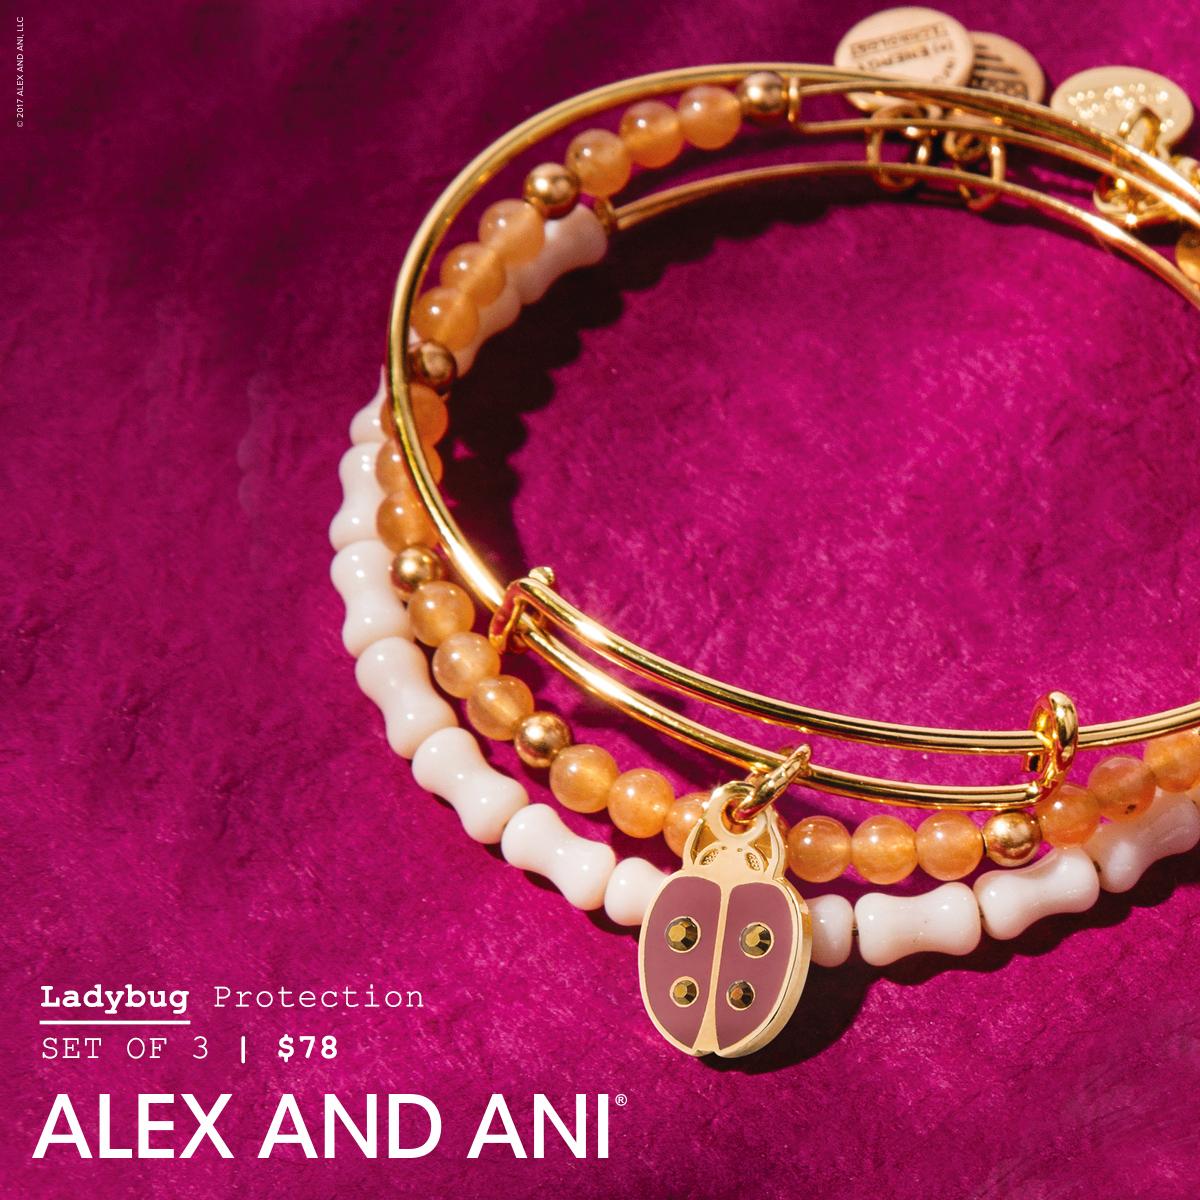 alex and ani spring ladybug